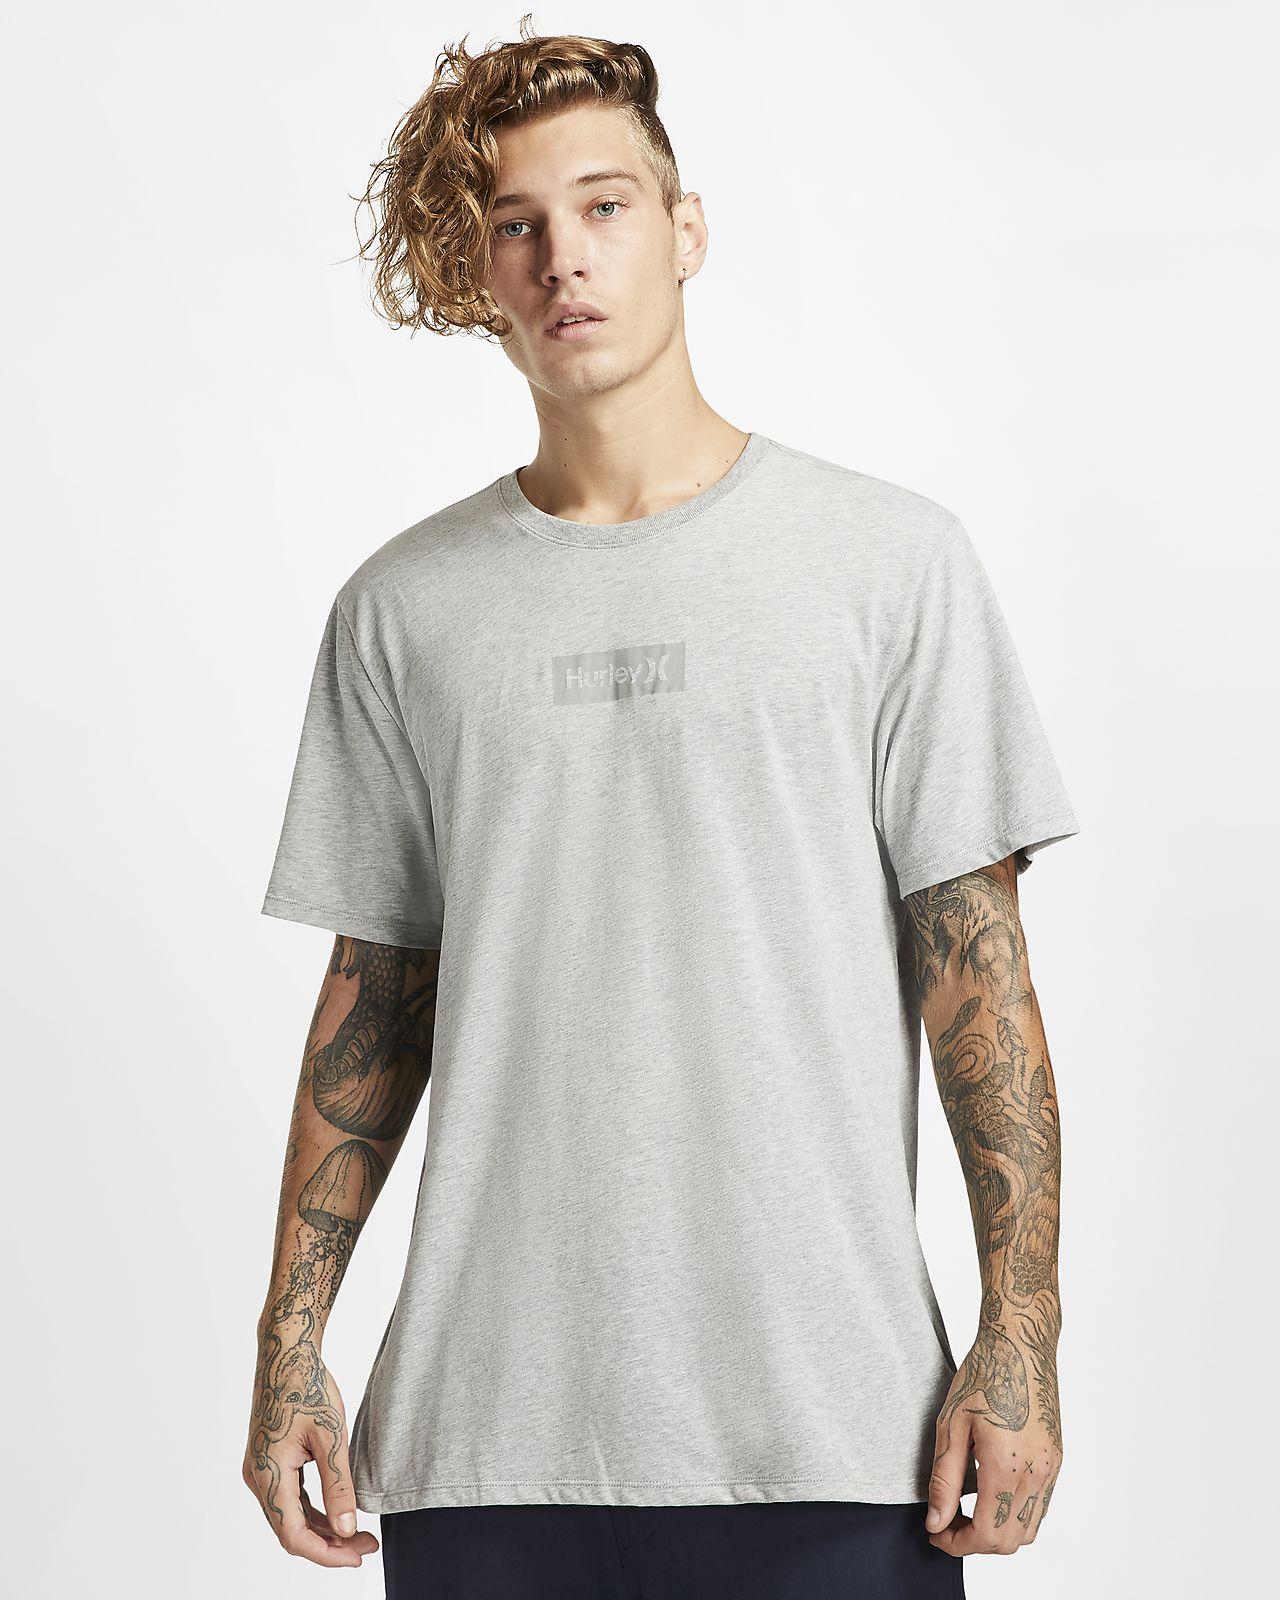 Ανδρικό T-Shirt Hurley Dri-FIT One And Only Small Box